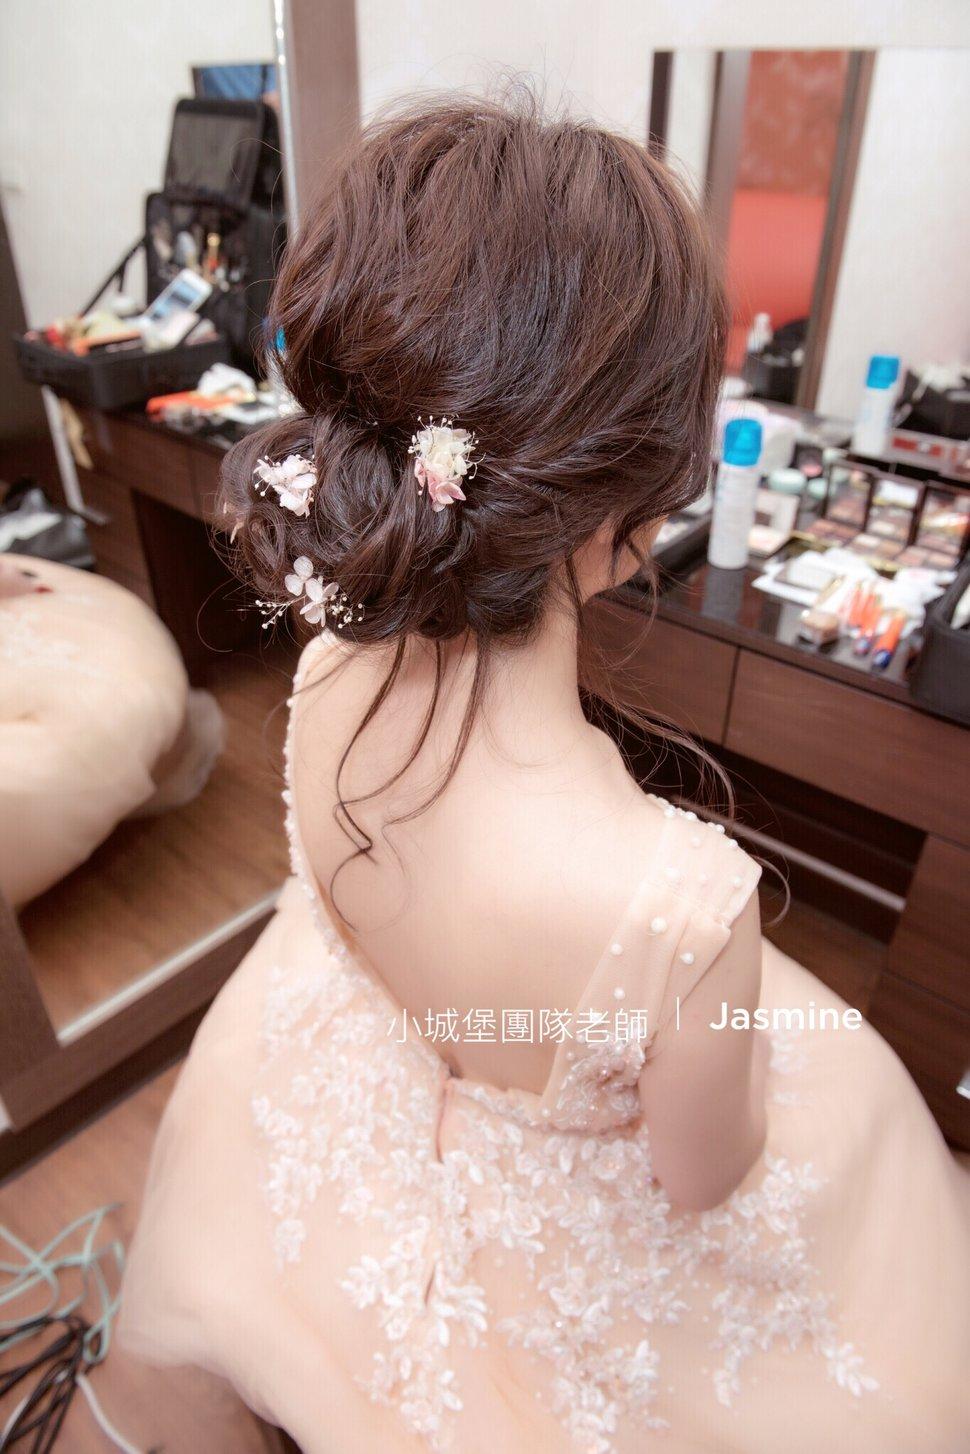 3723DB24-C60C-493B-B96C-ADD651247DD3 - Jasmine Makeup新娘秘書《結婚吧》